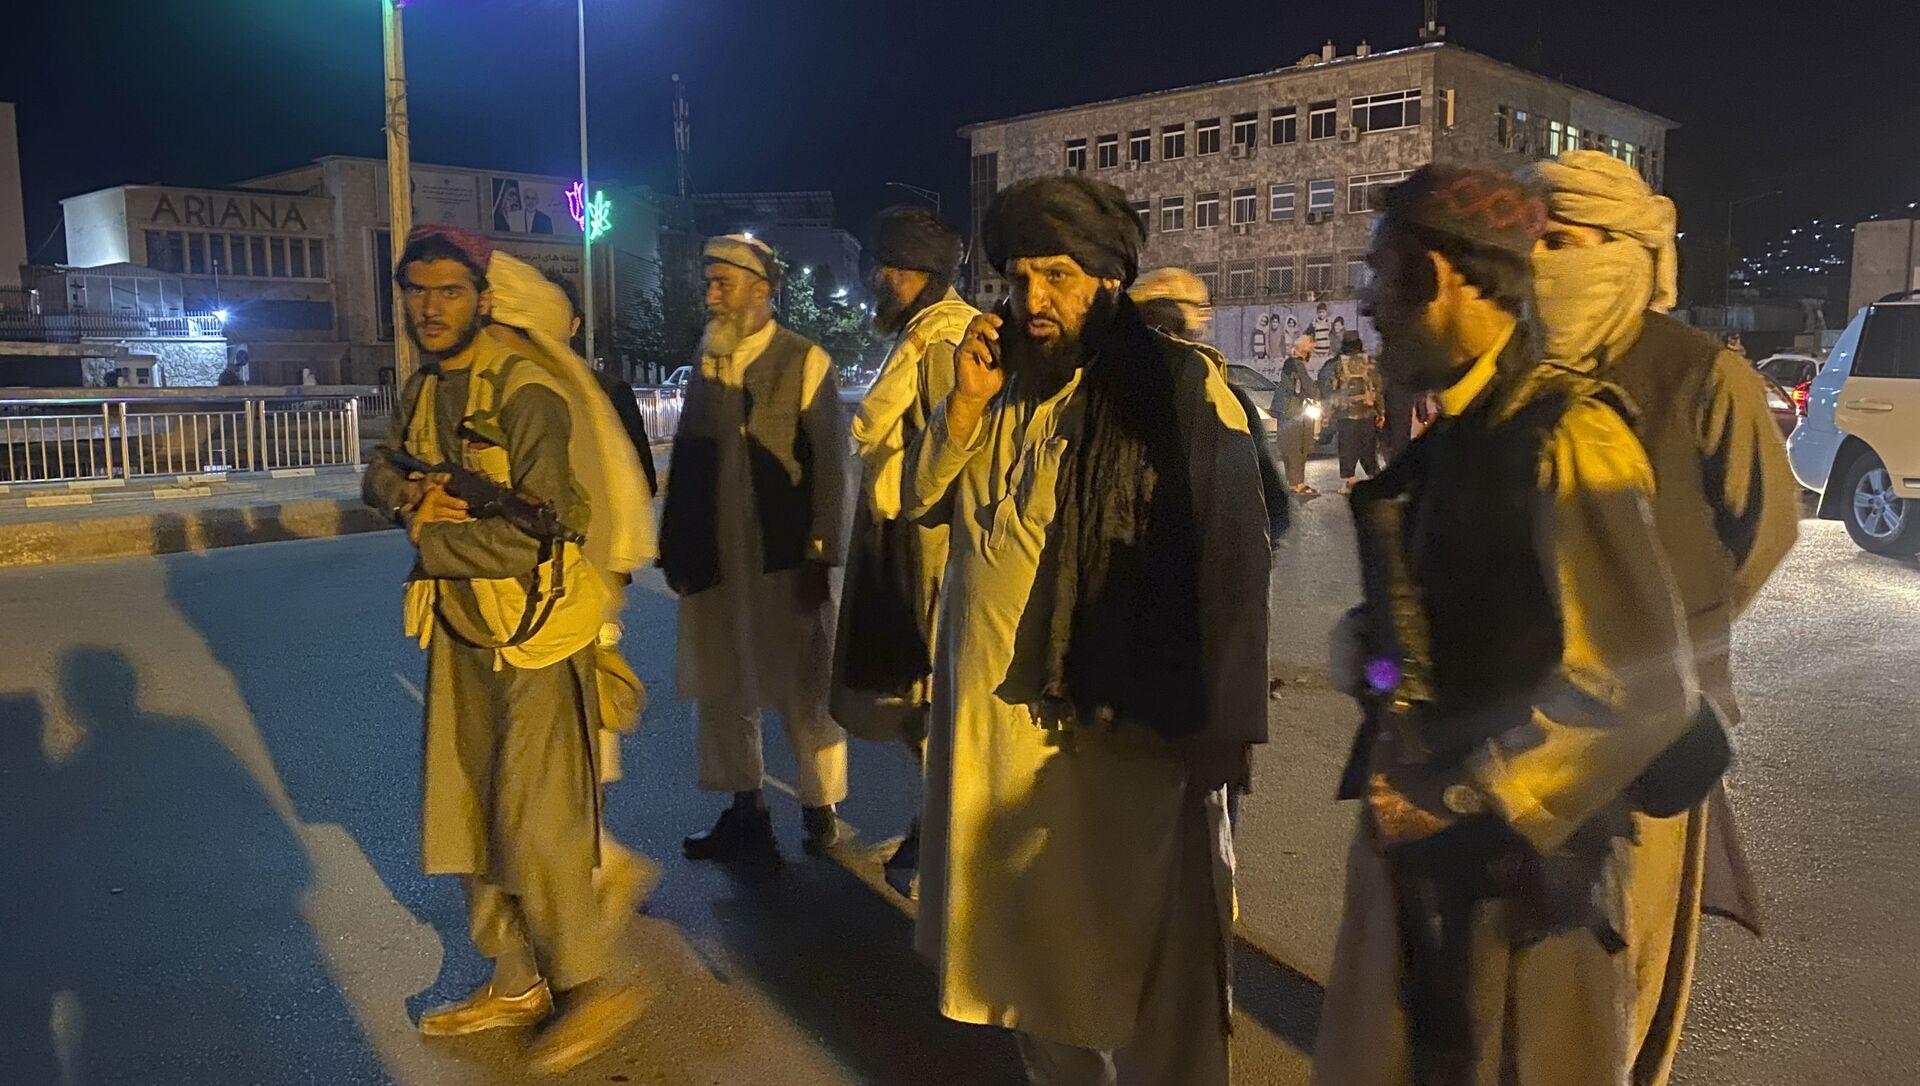 Боевики движения Талибан в Афганистане, фото аз архива - Sputnik Азербайджан, 1920, 17.08.2021